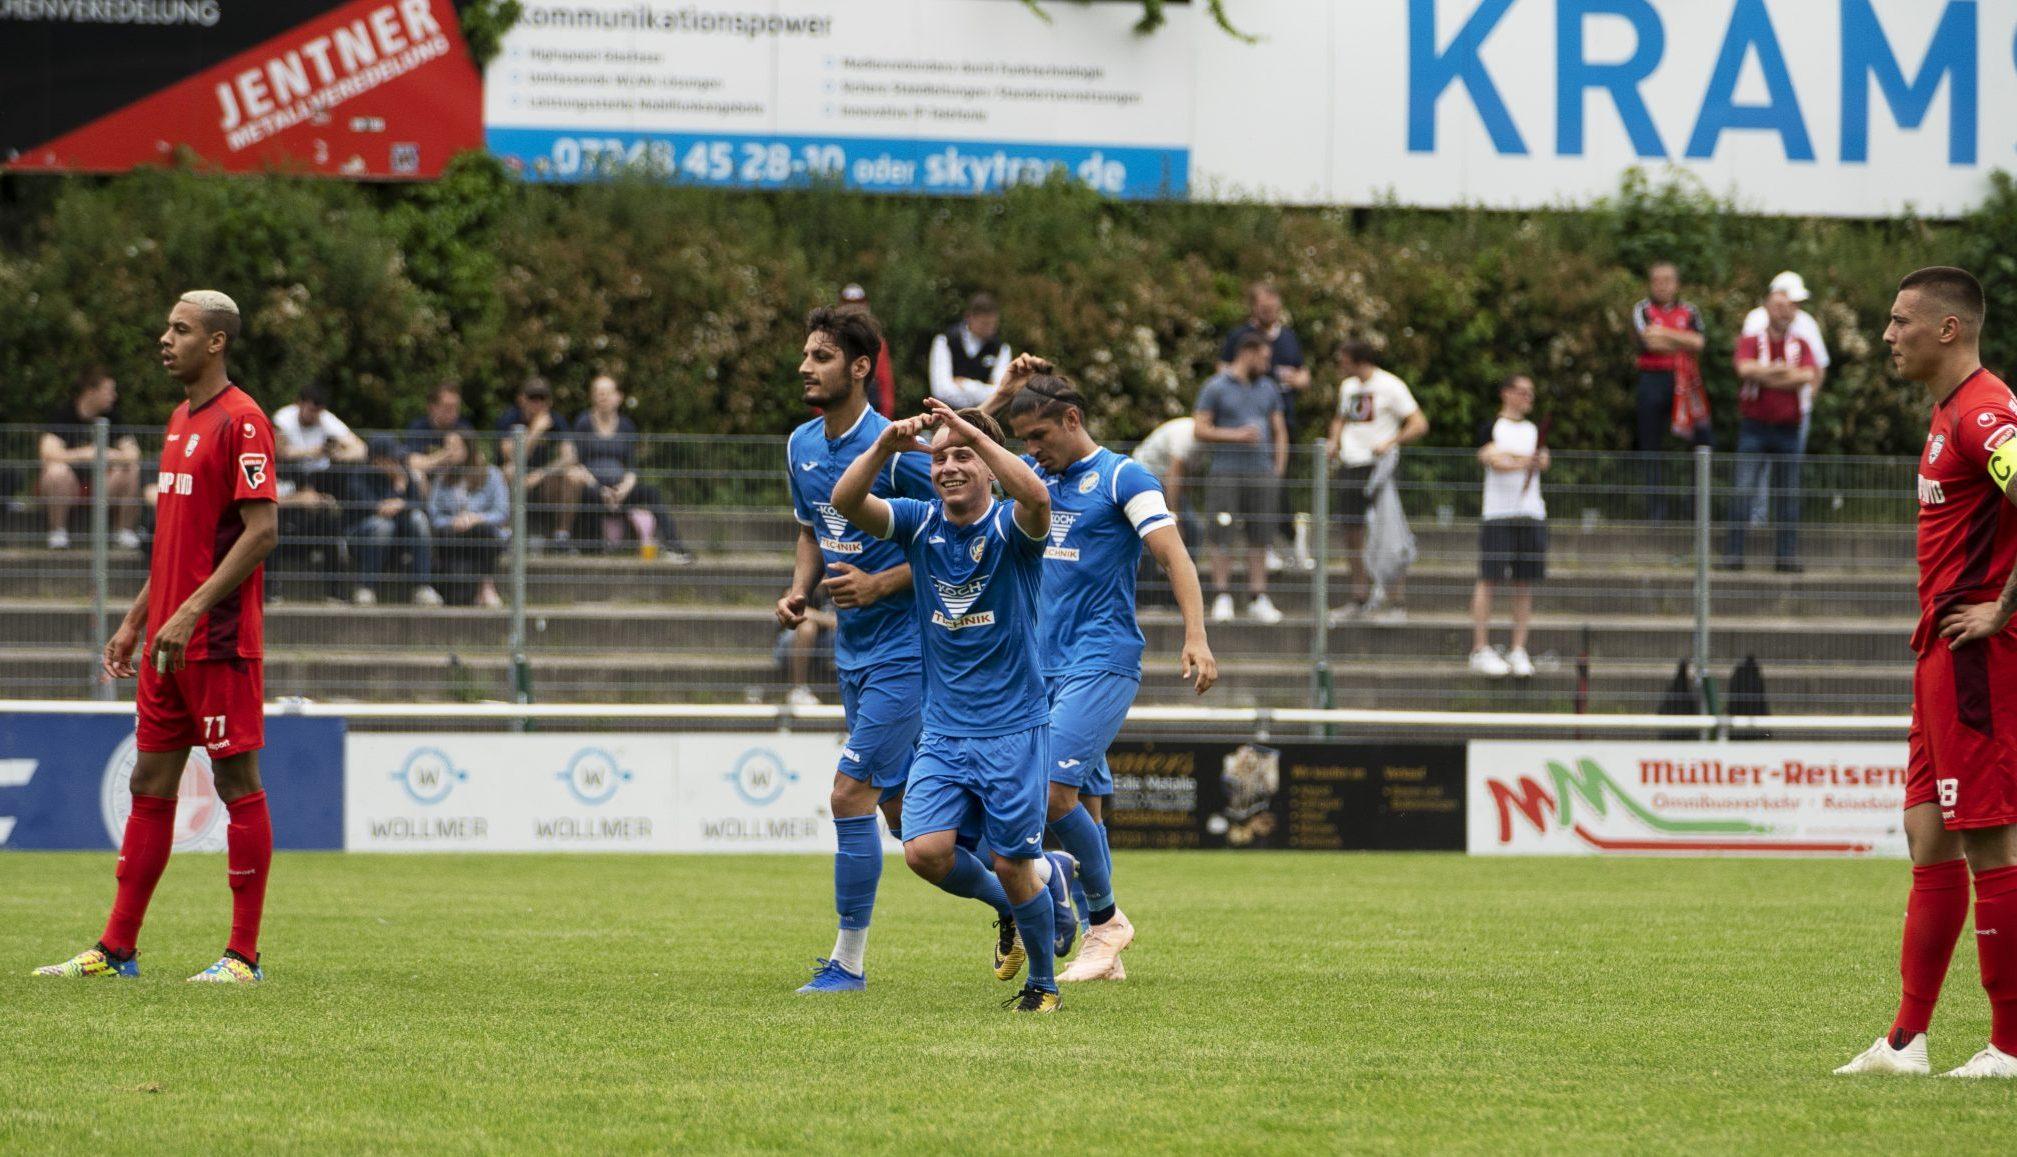 1. CfR und SSV Reutlingen trennen sich zum Saisonabschluss 1:1 unentschieden